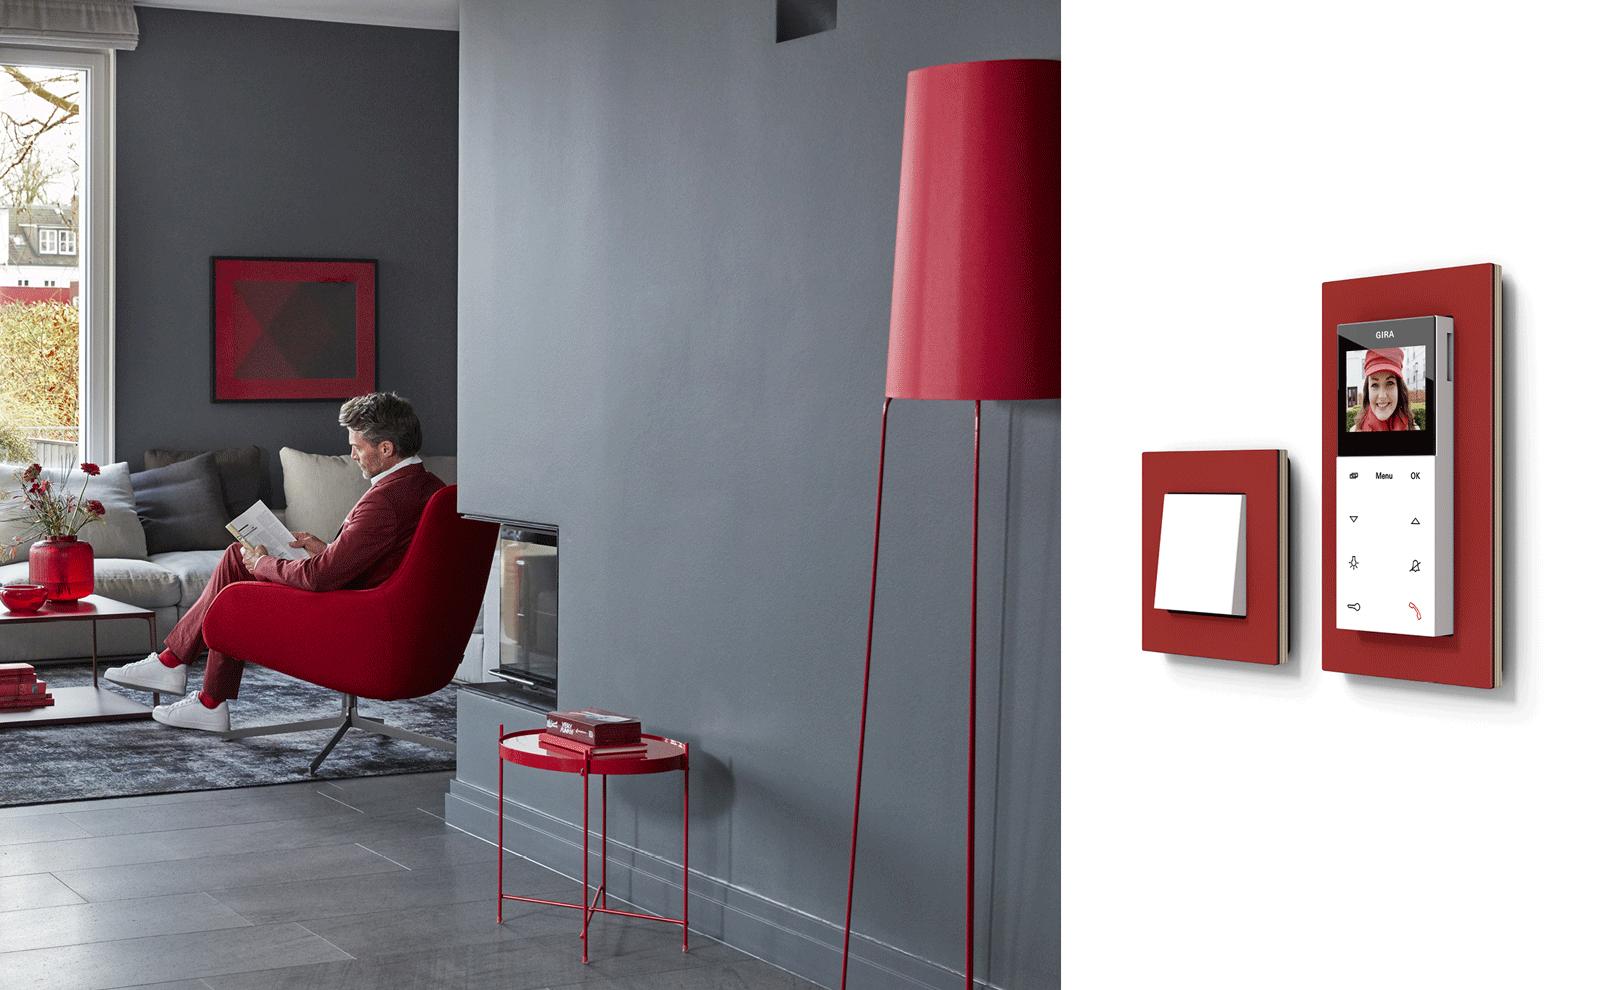 Gira Wohnungsstation über Gira Esprit Rahmen im Wohnzimmer